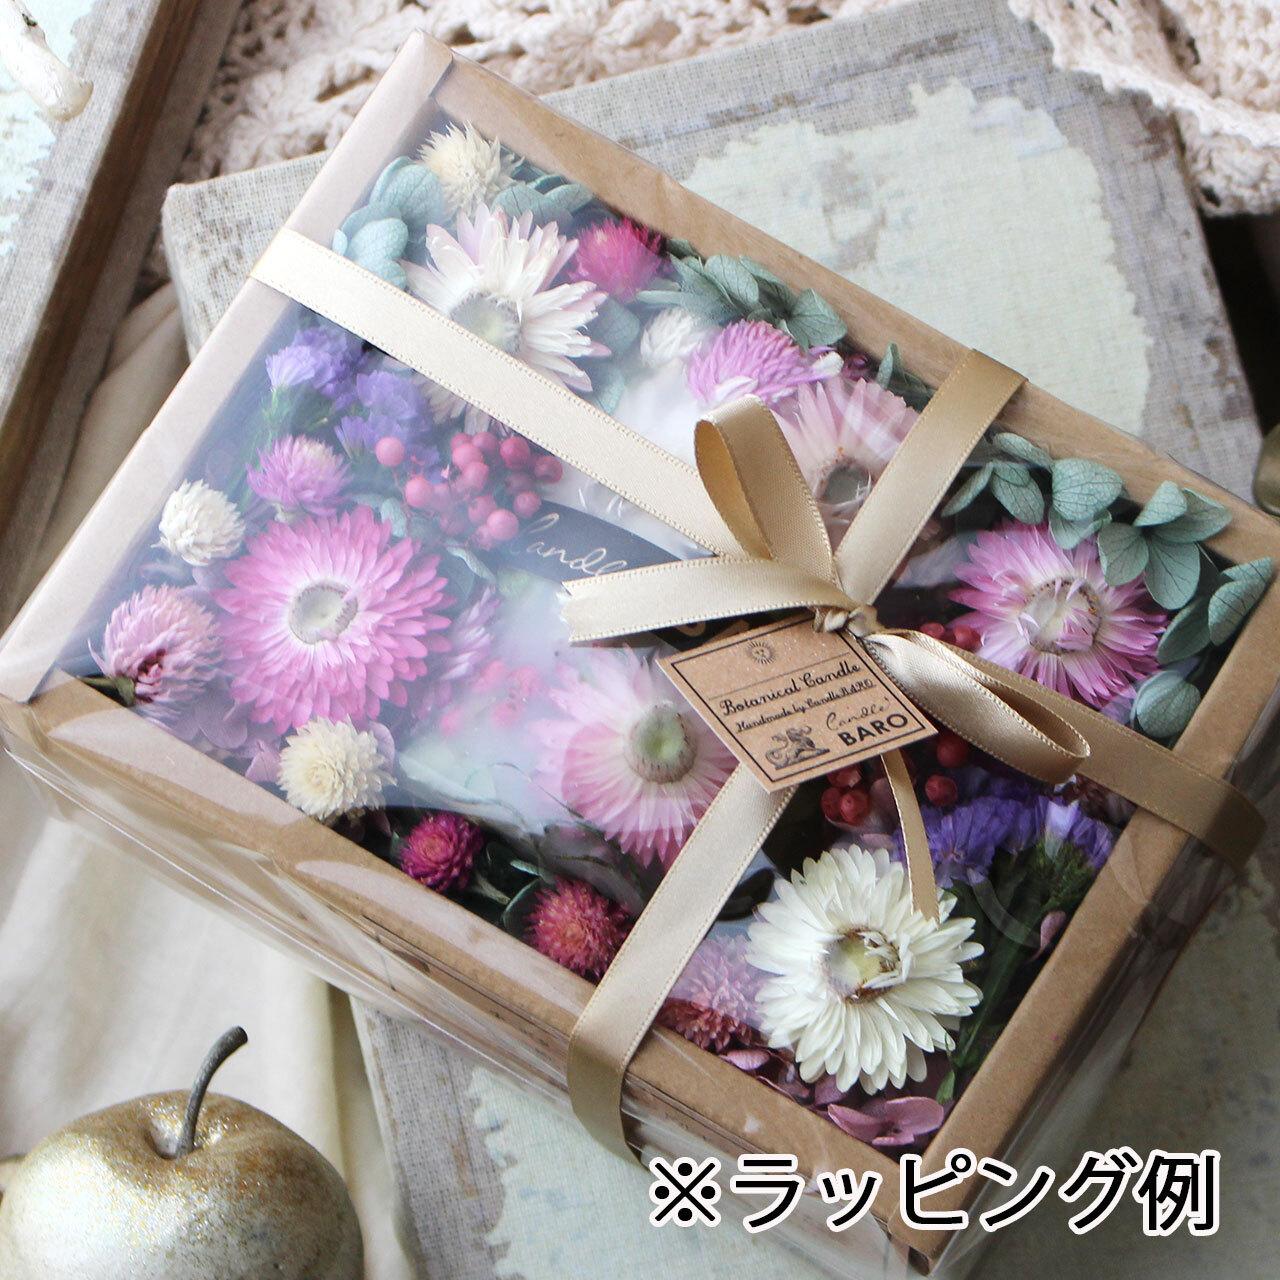 H506 透明ラッピング&紙袋付き☆花いっぱいボタニカルキャンドルギフト ローダンセマム